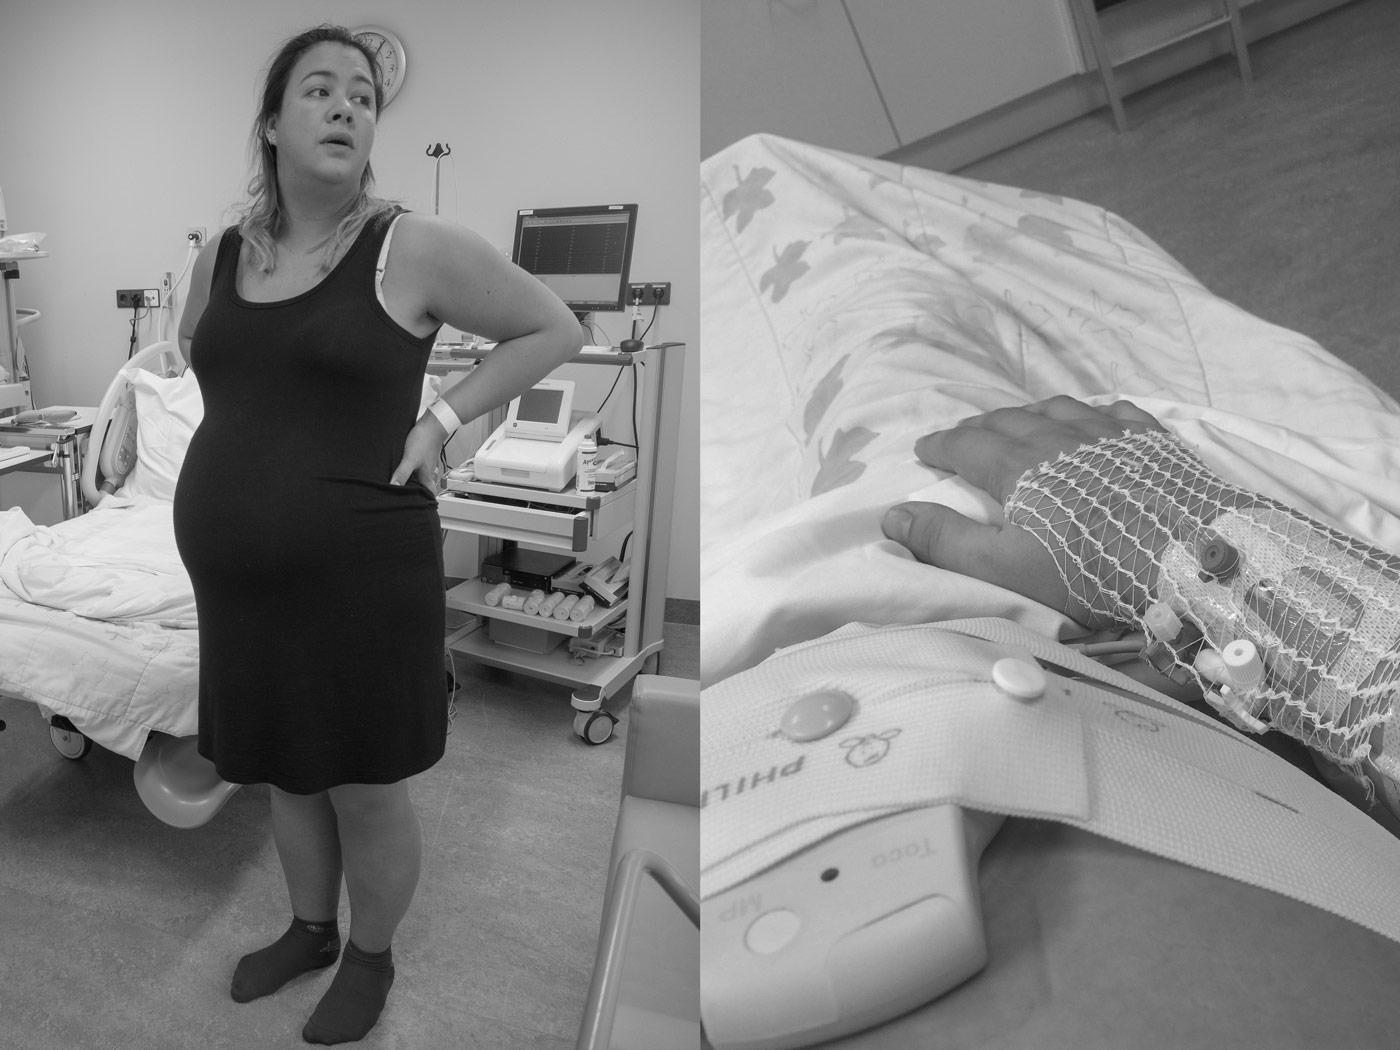 Mijn bevallingsverhaal